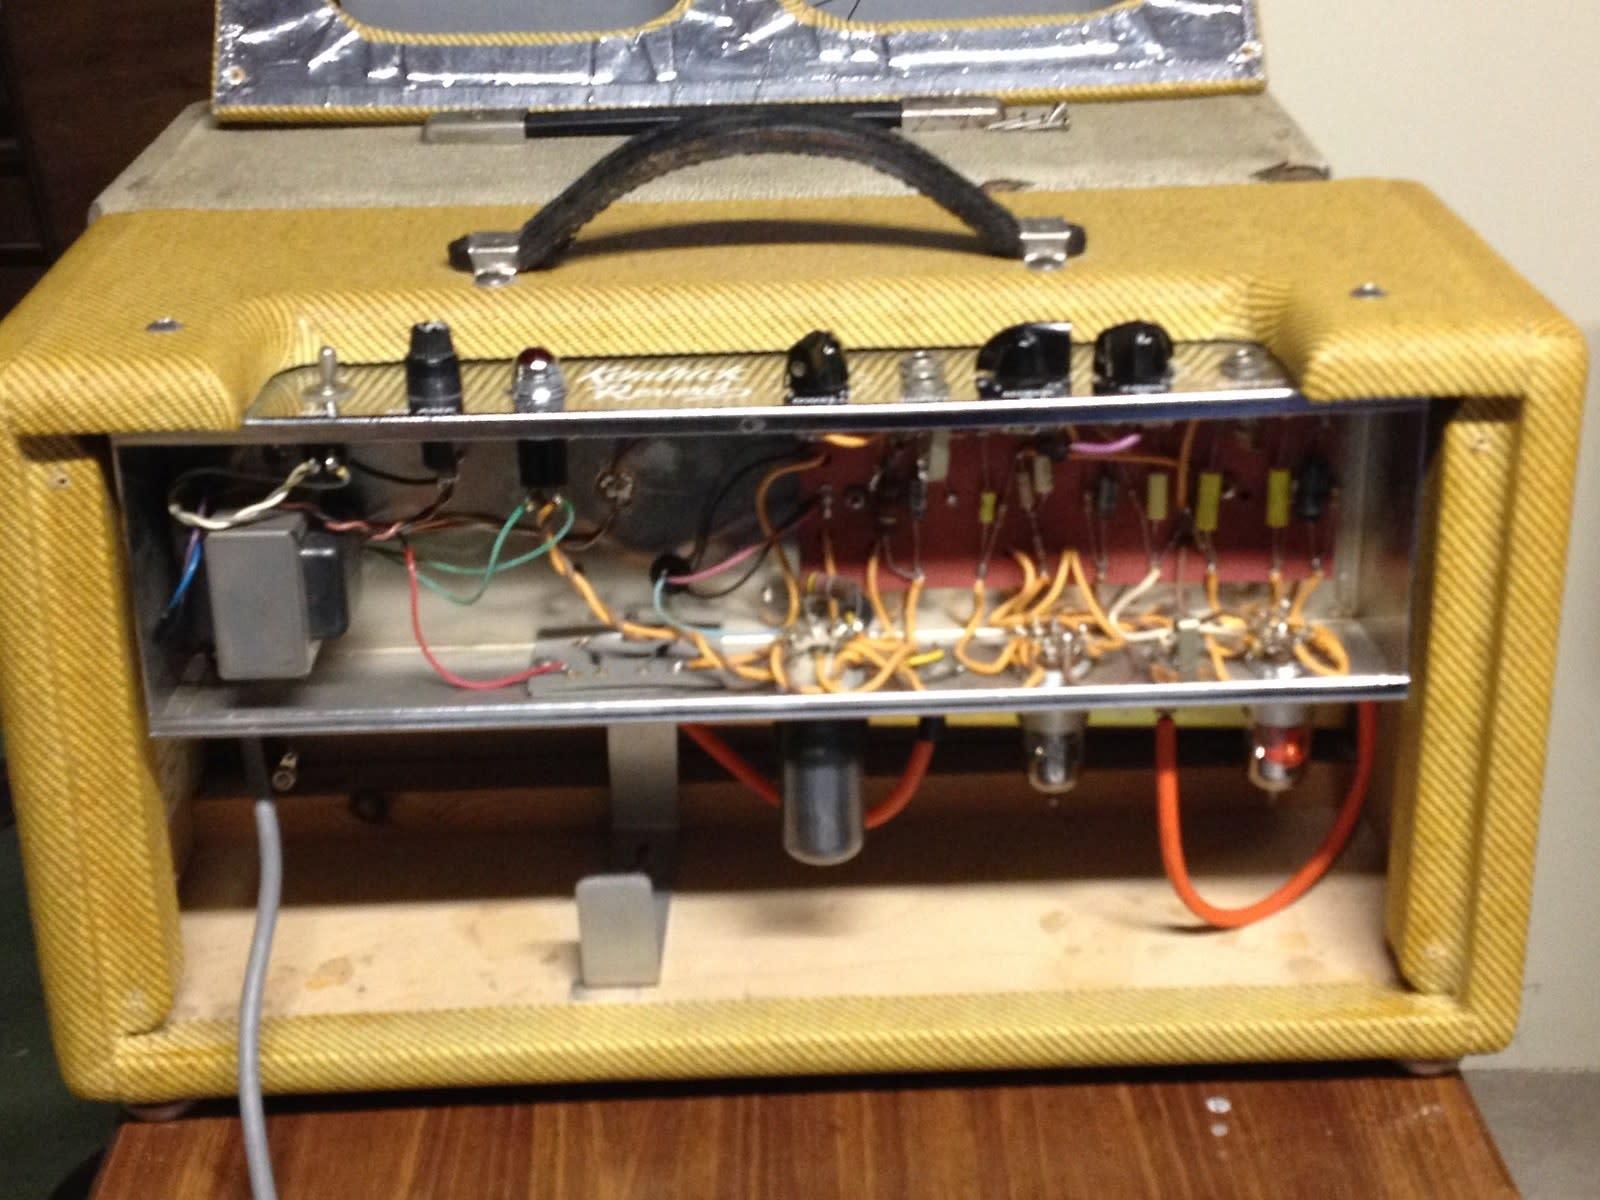 kendrick amp schematics sold - kendrick model 1000 tweed reverb unit, fender style ... briggs amp stratton engine schematics